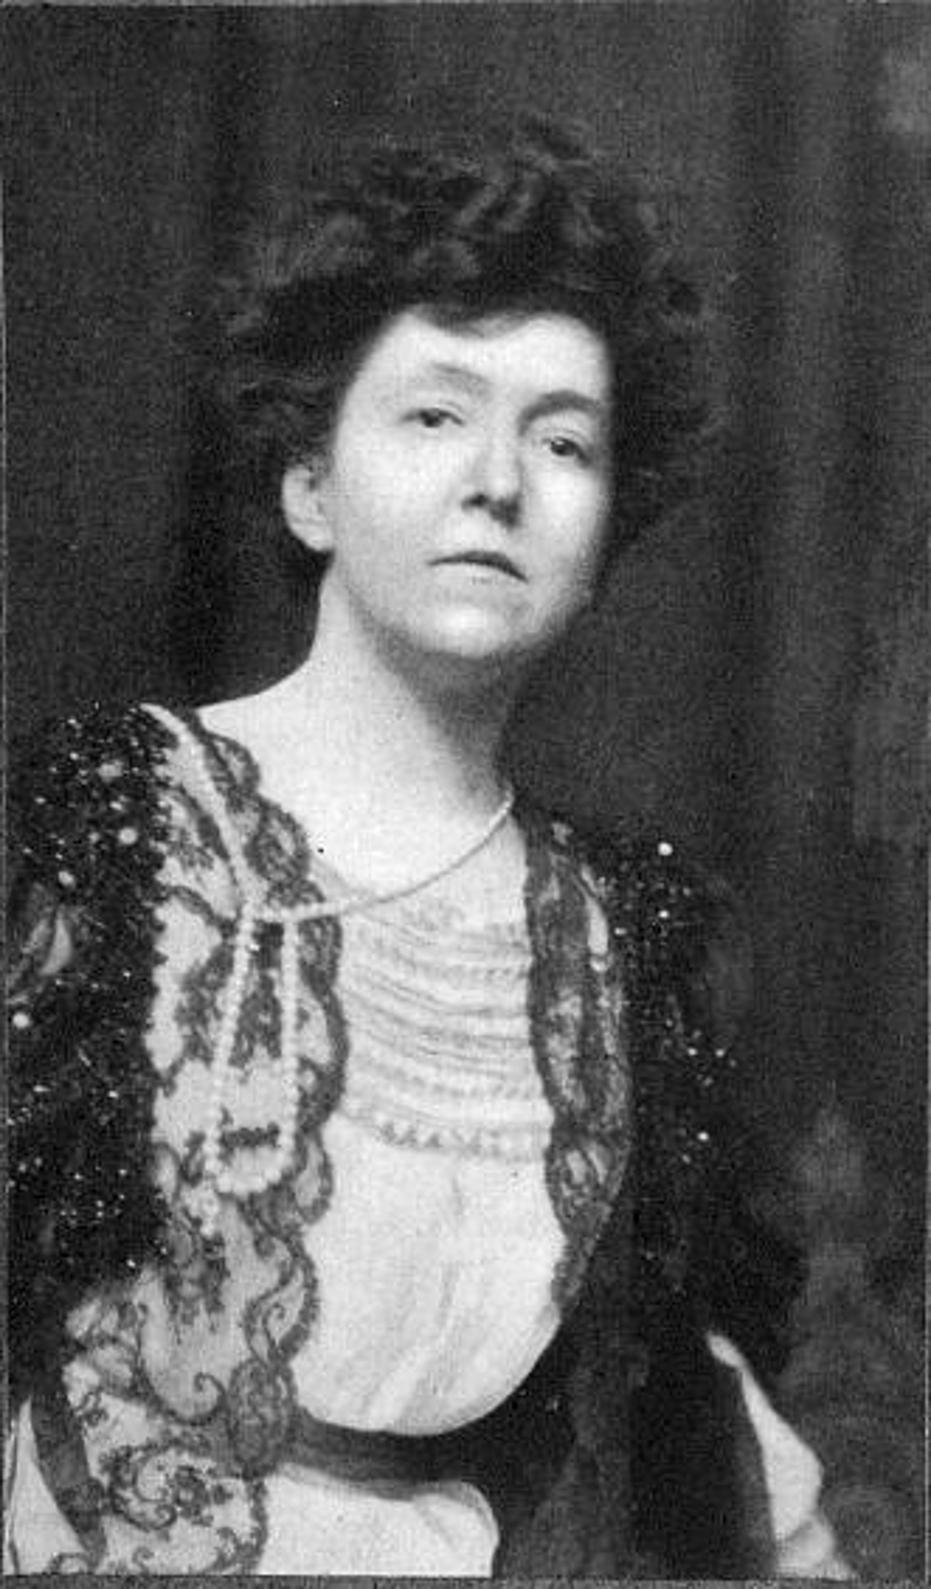 Elsie De Wolfe Wikipedia